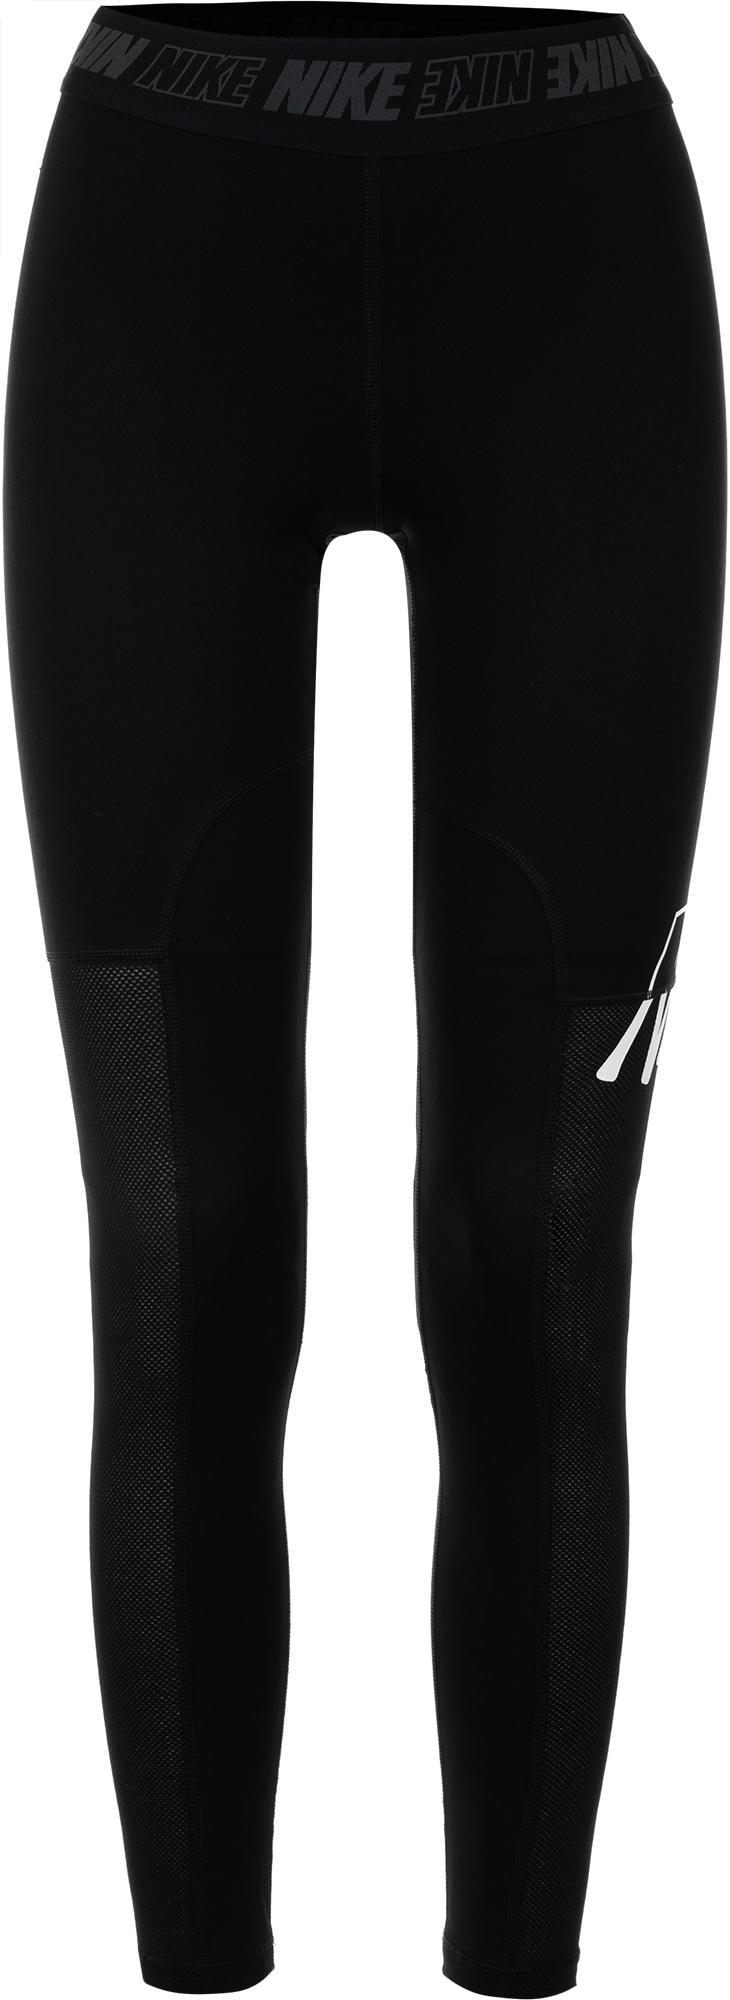 Nike Легинсы женские Victory, размер 46-48